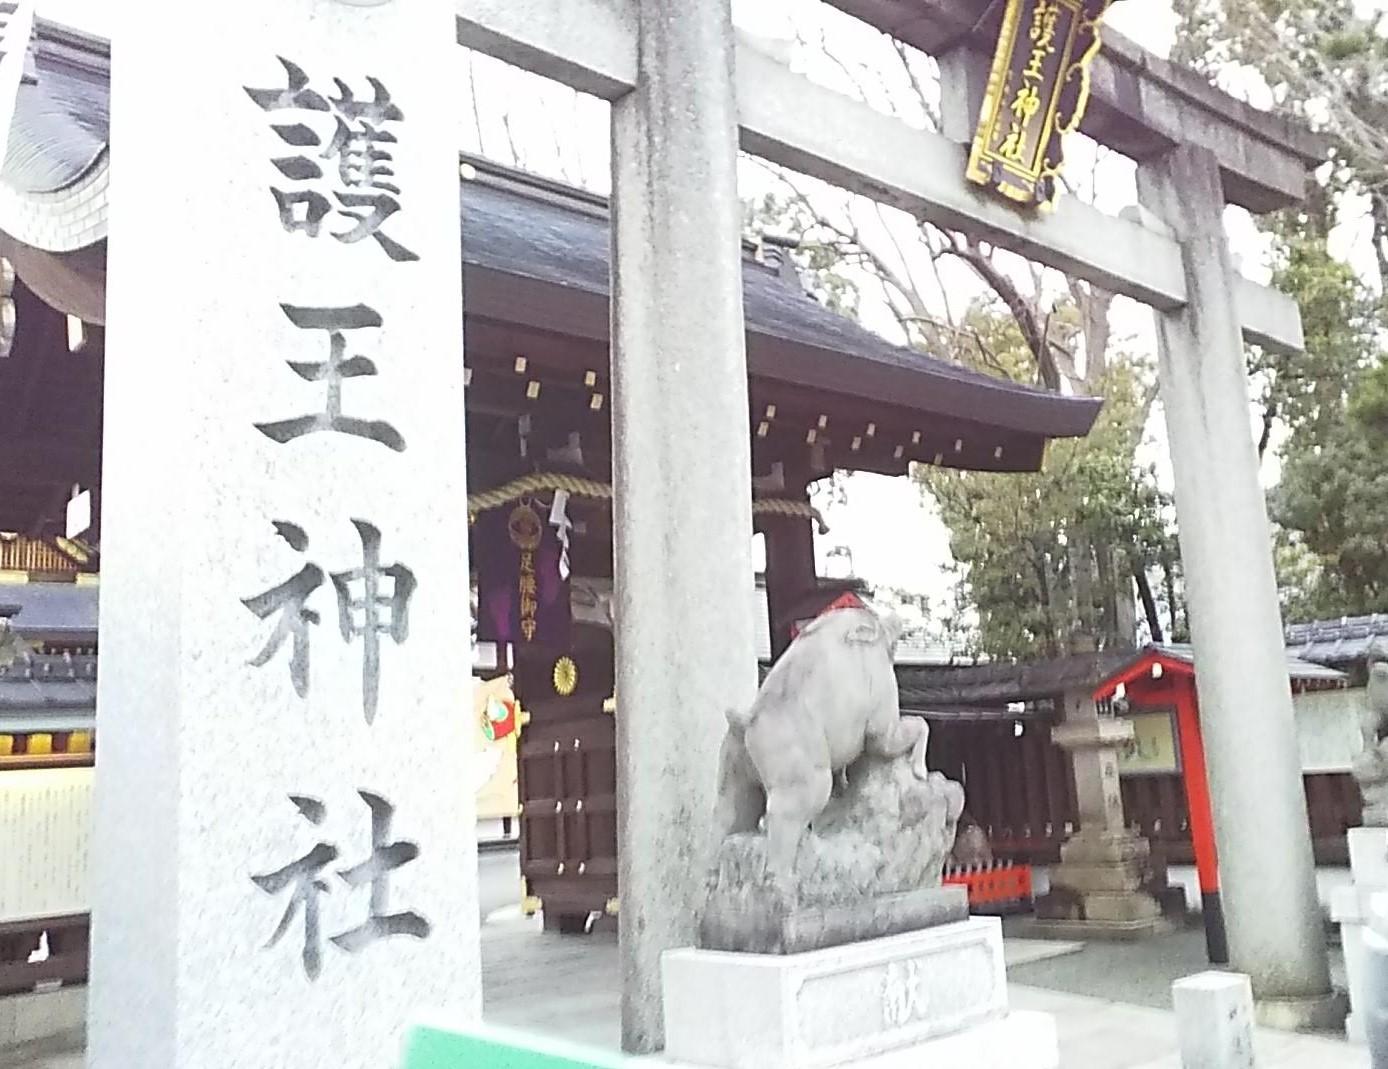 【回顧録・その1】京都マラソン_d0331971_16131483.jpg